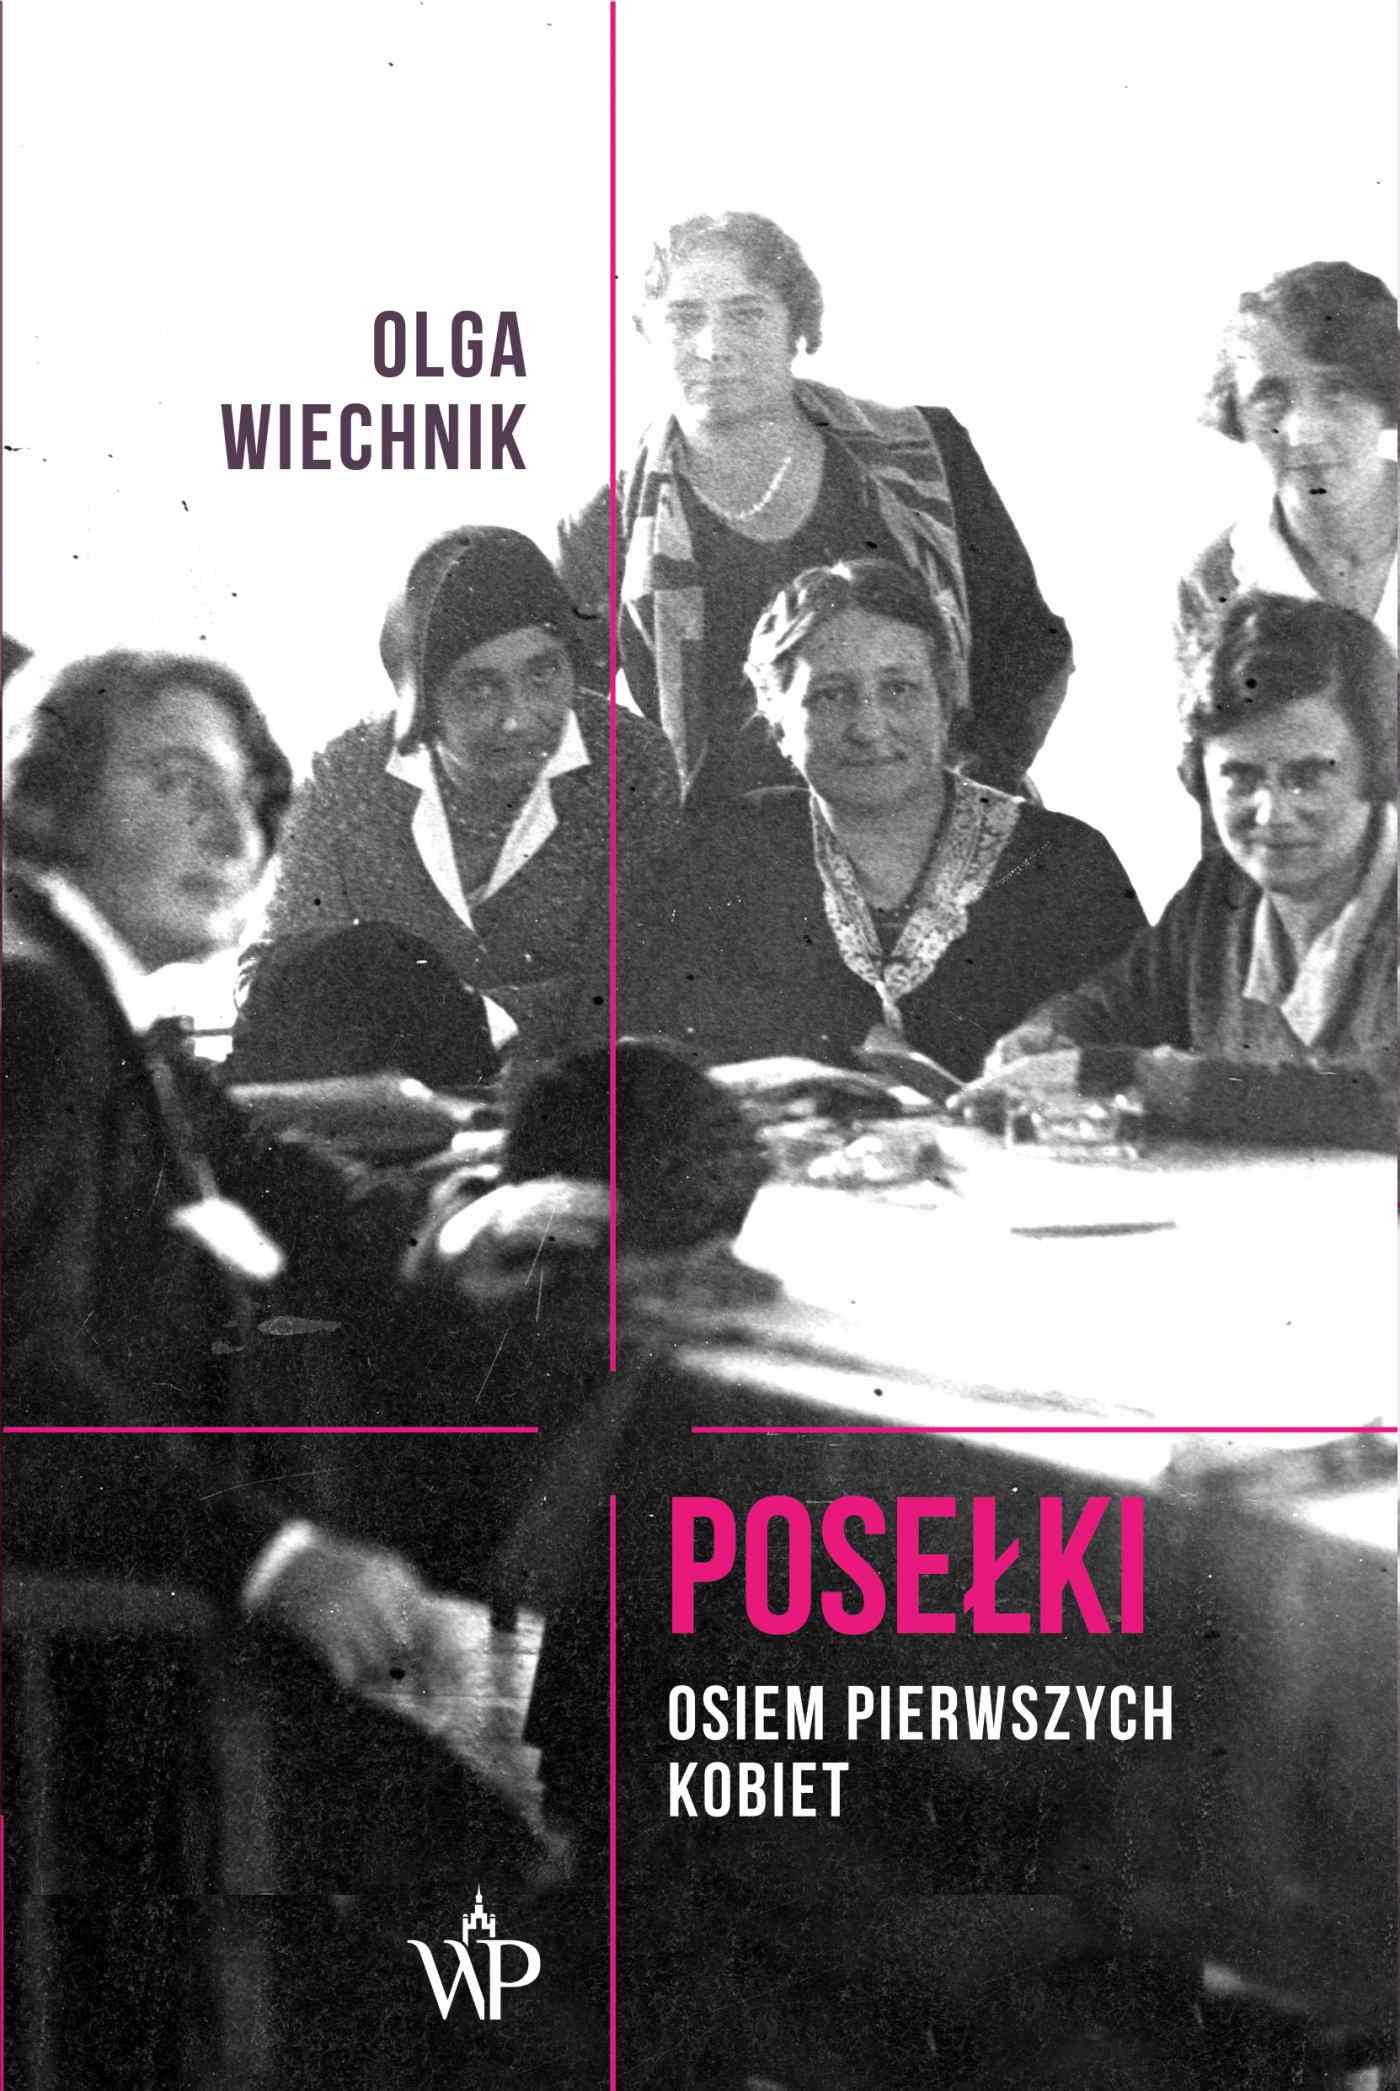 Posełki. Osiem pierwszych kobiet - Audiobook (Książka audio MP3) do pobrania w całości w archiwum ZIP